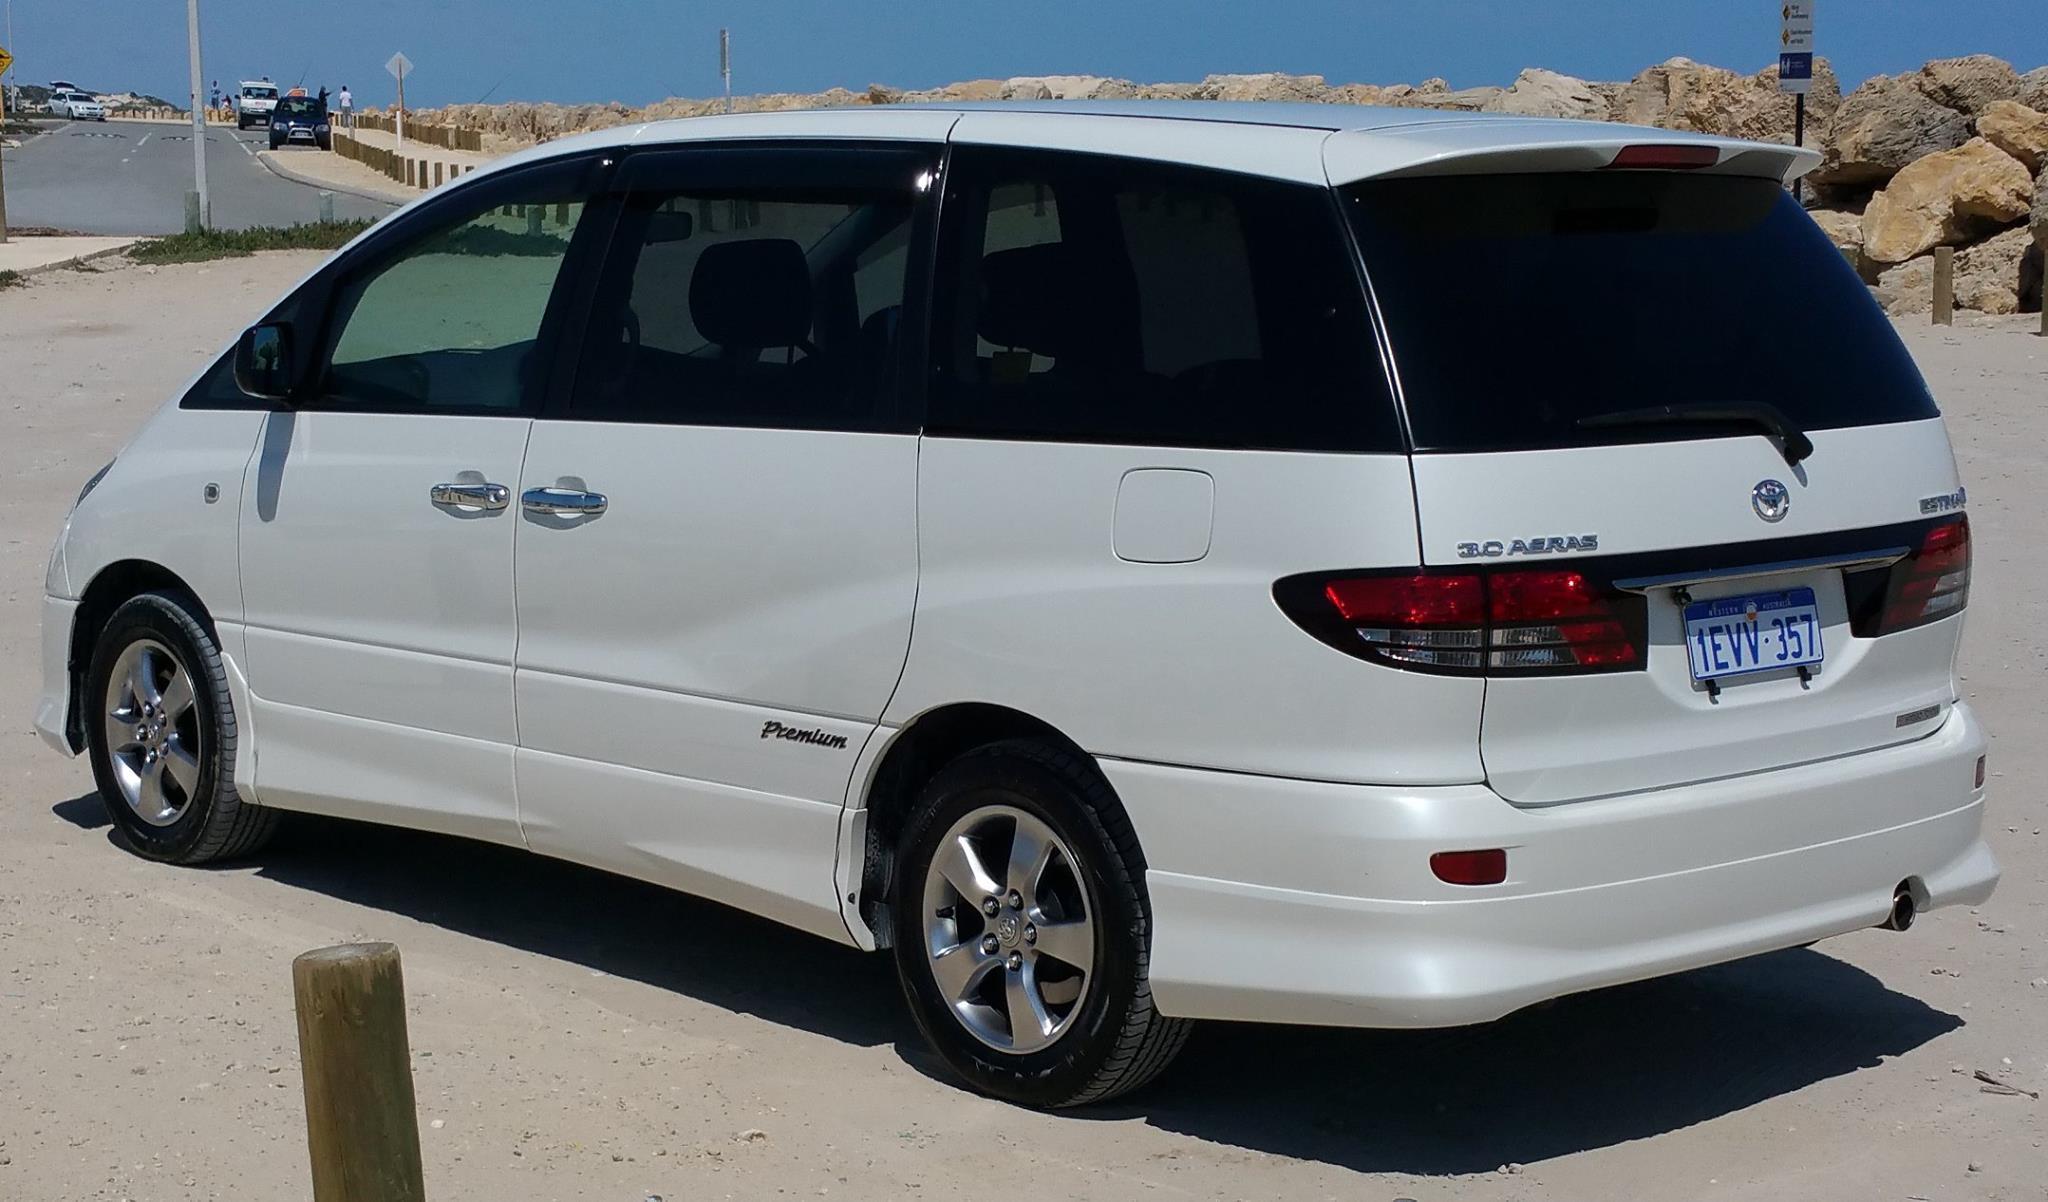 2005 Toyota Estima 3L 2WD 7 seater rear